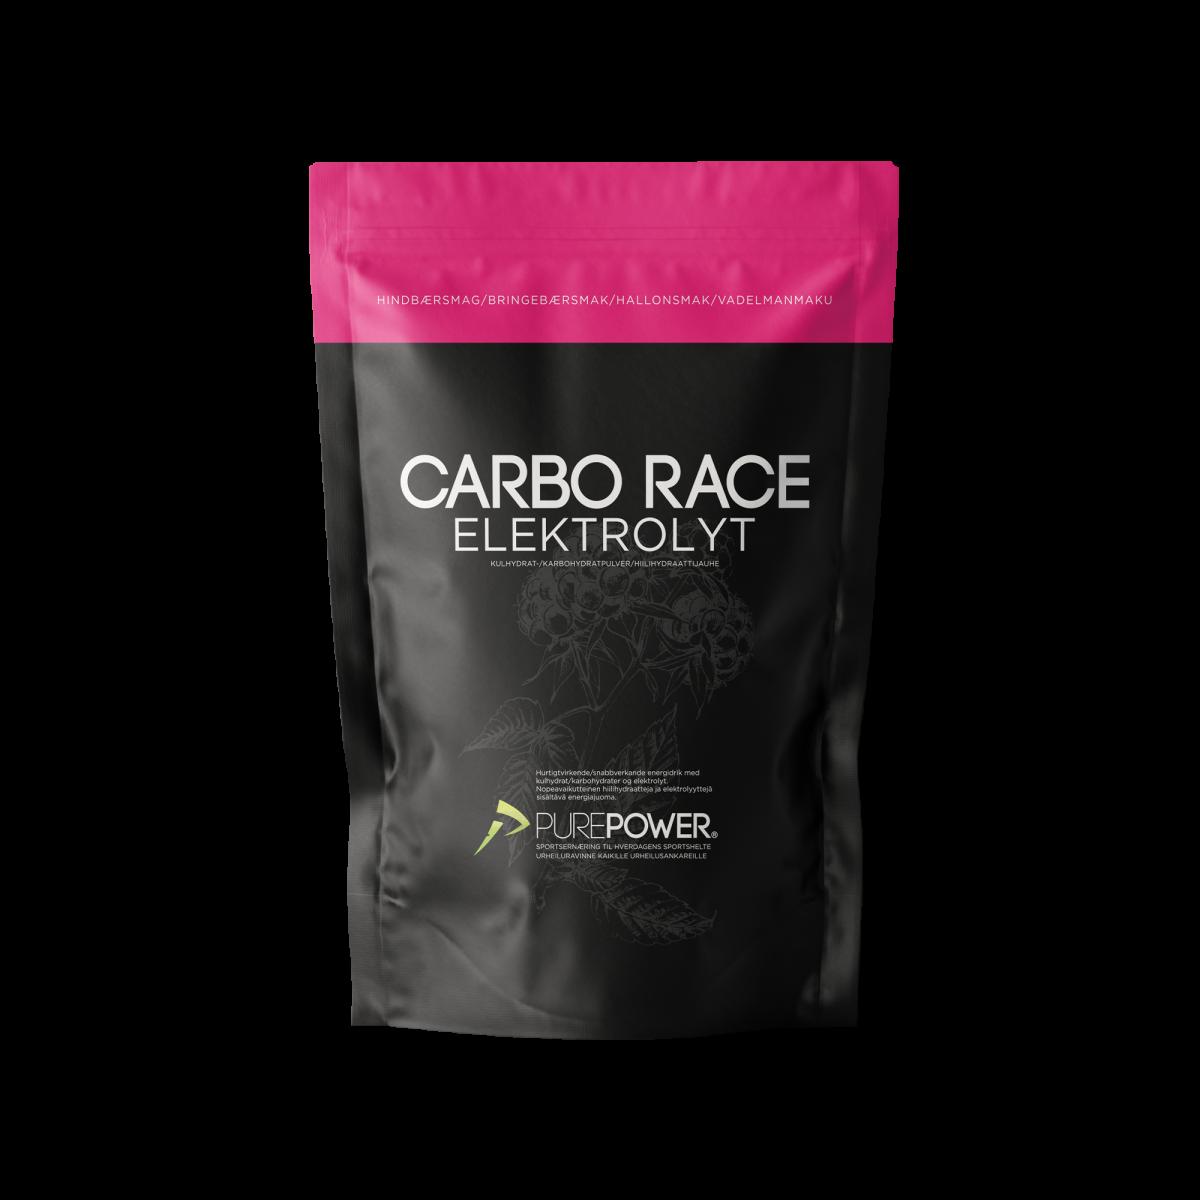 Carbo Race Elektrolyt Appelsin 1 kg | energidrik og pulver